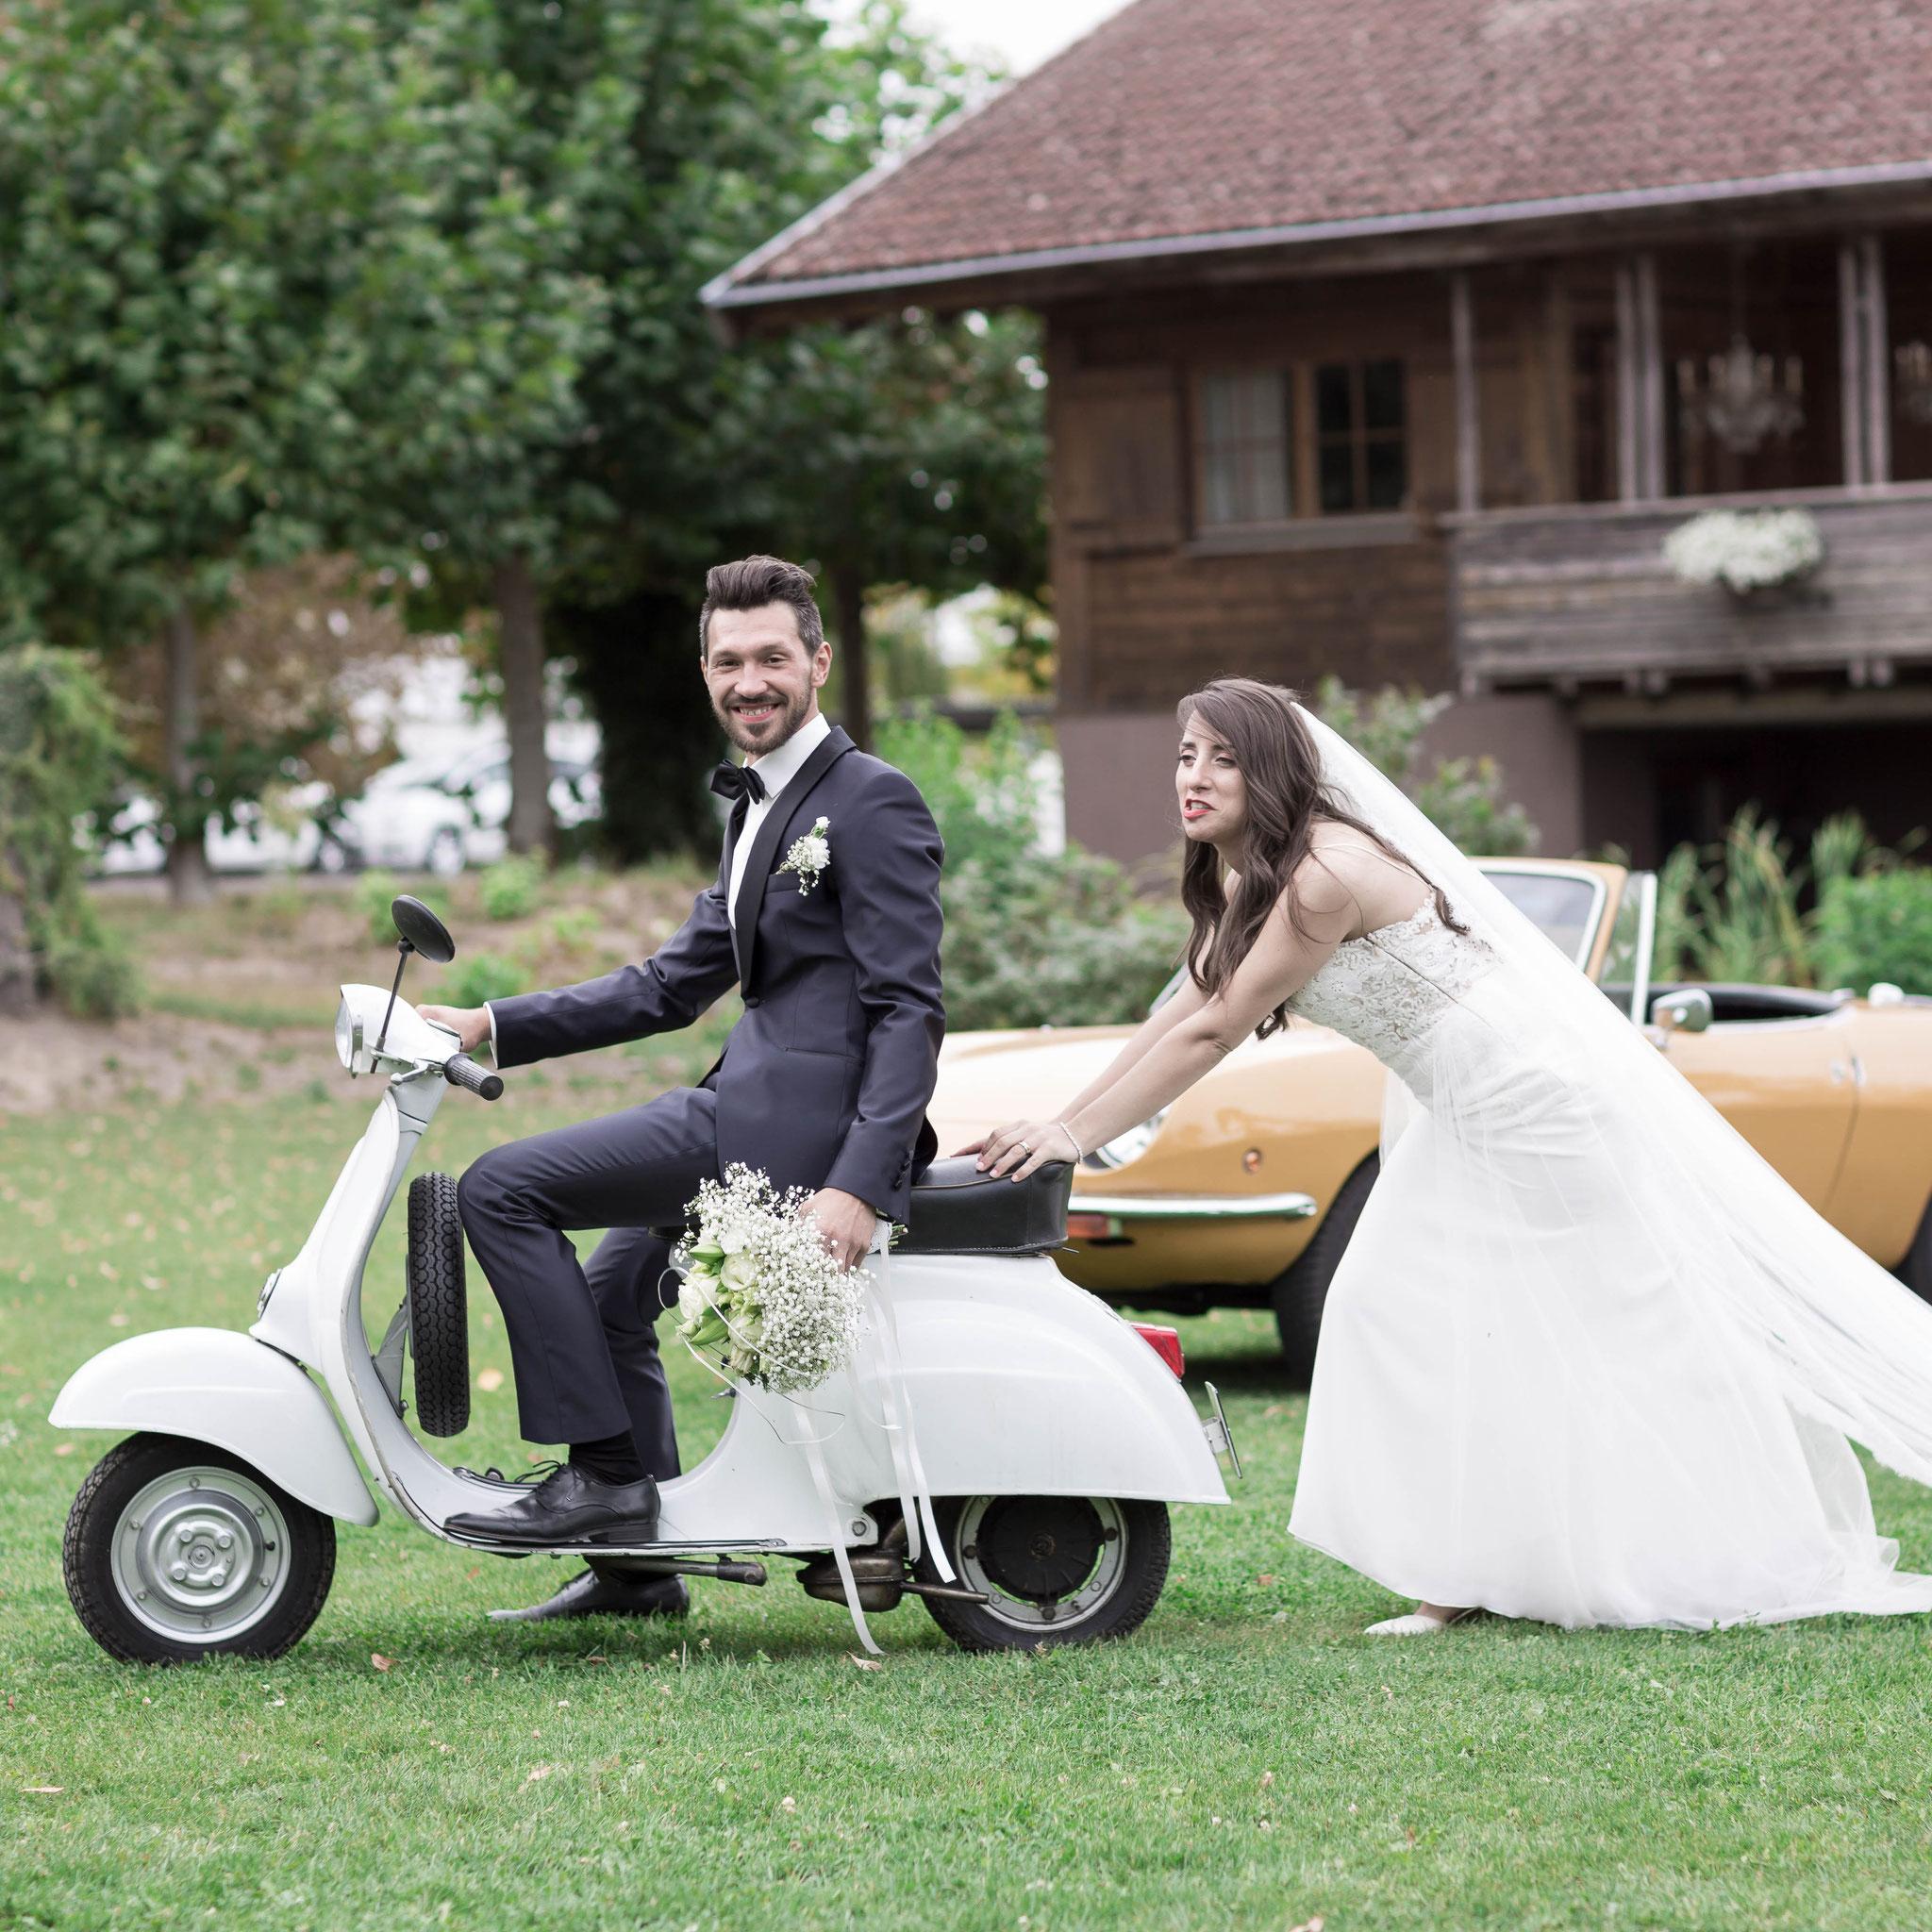 Fotograf für moderne russische Hochzeit in Bad Kreuznach